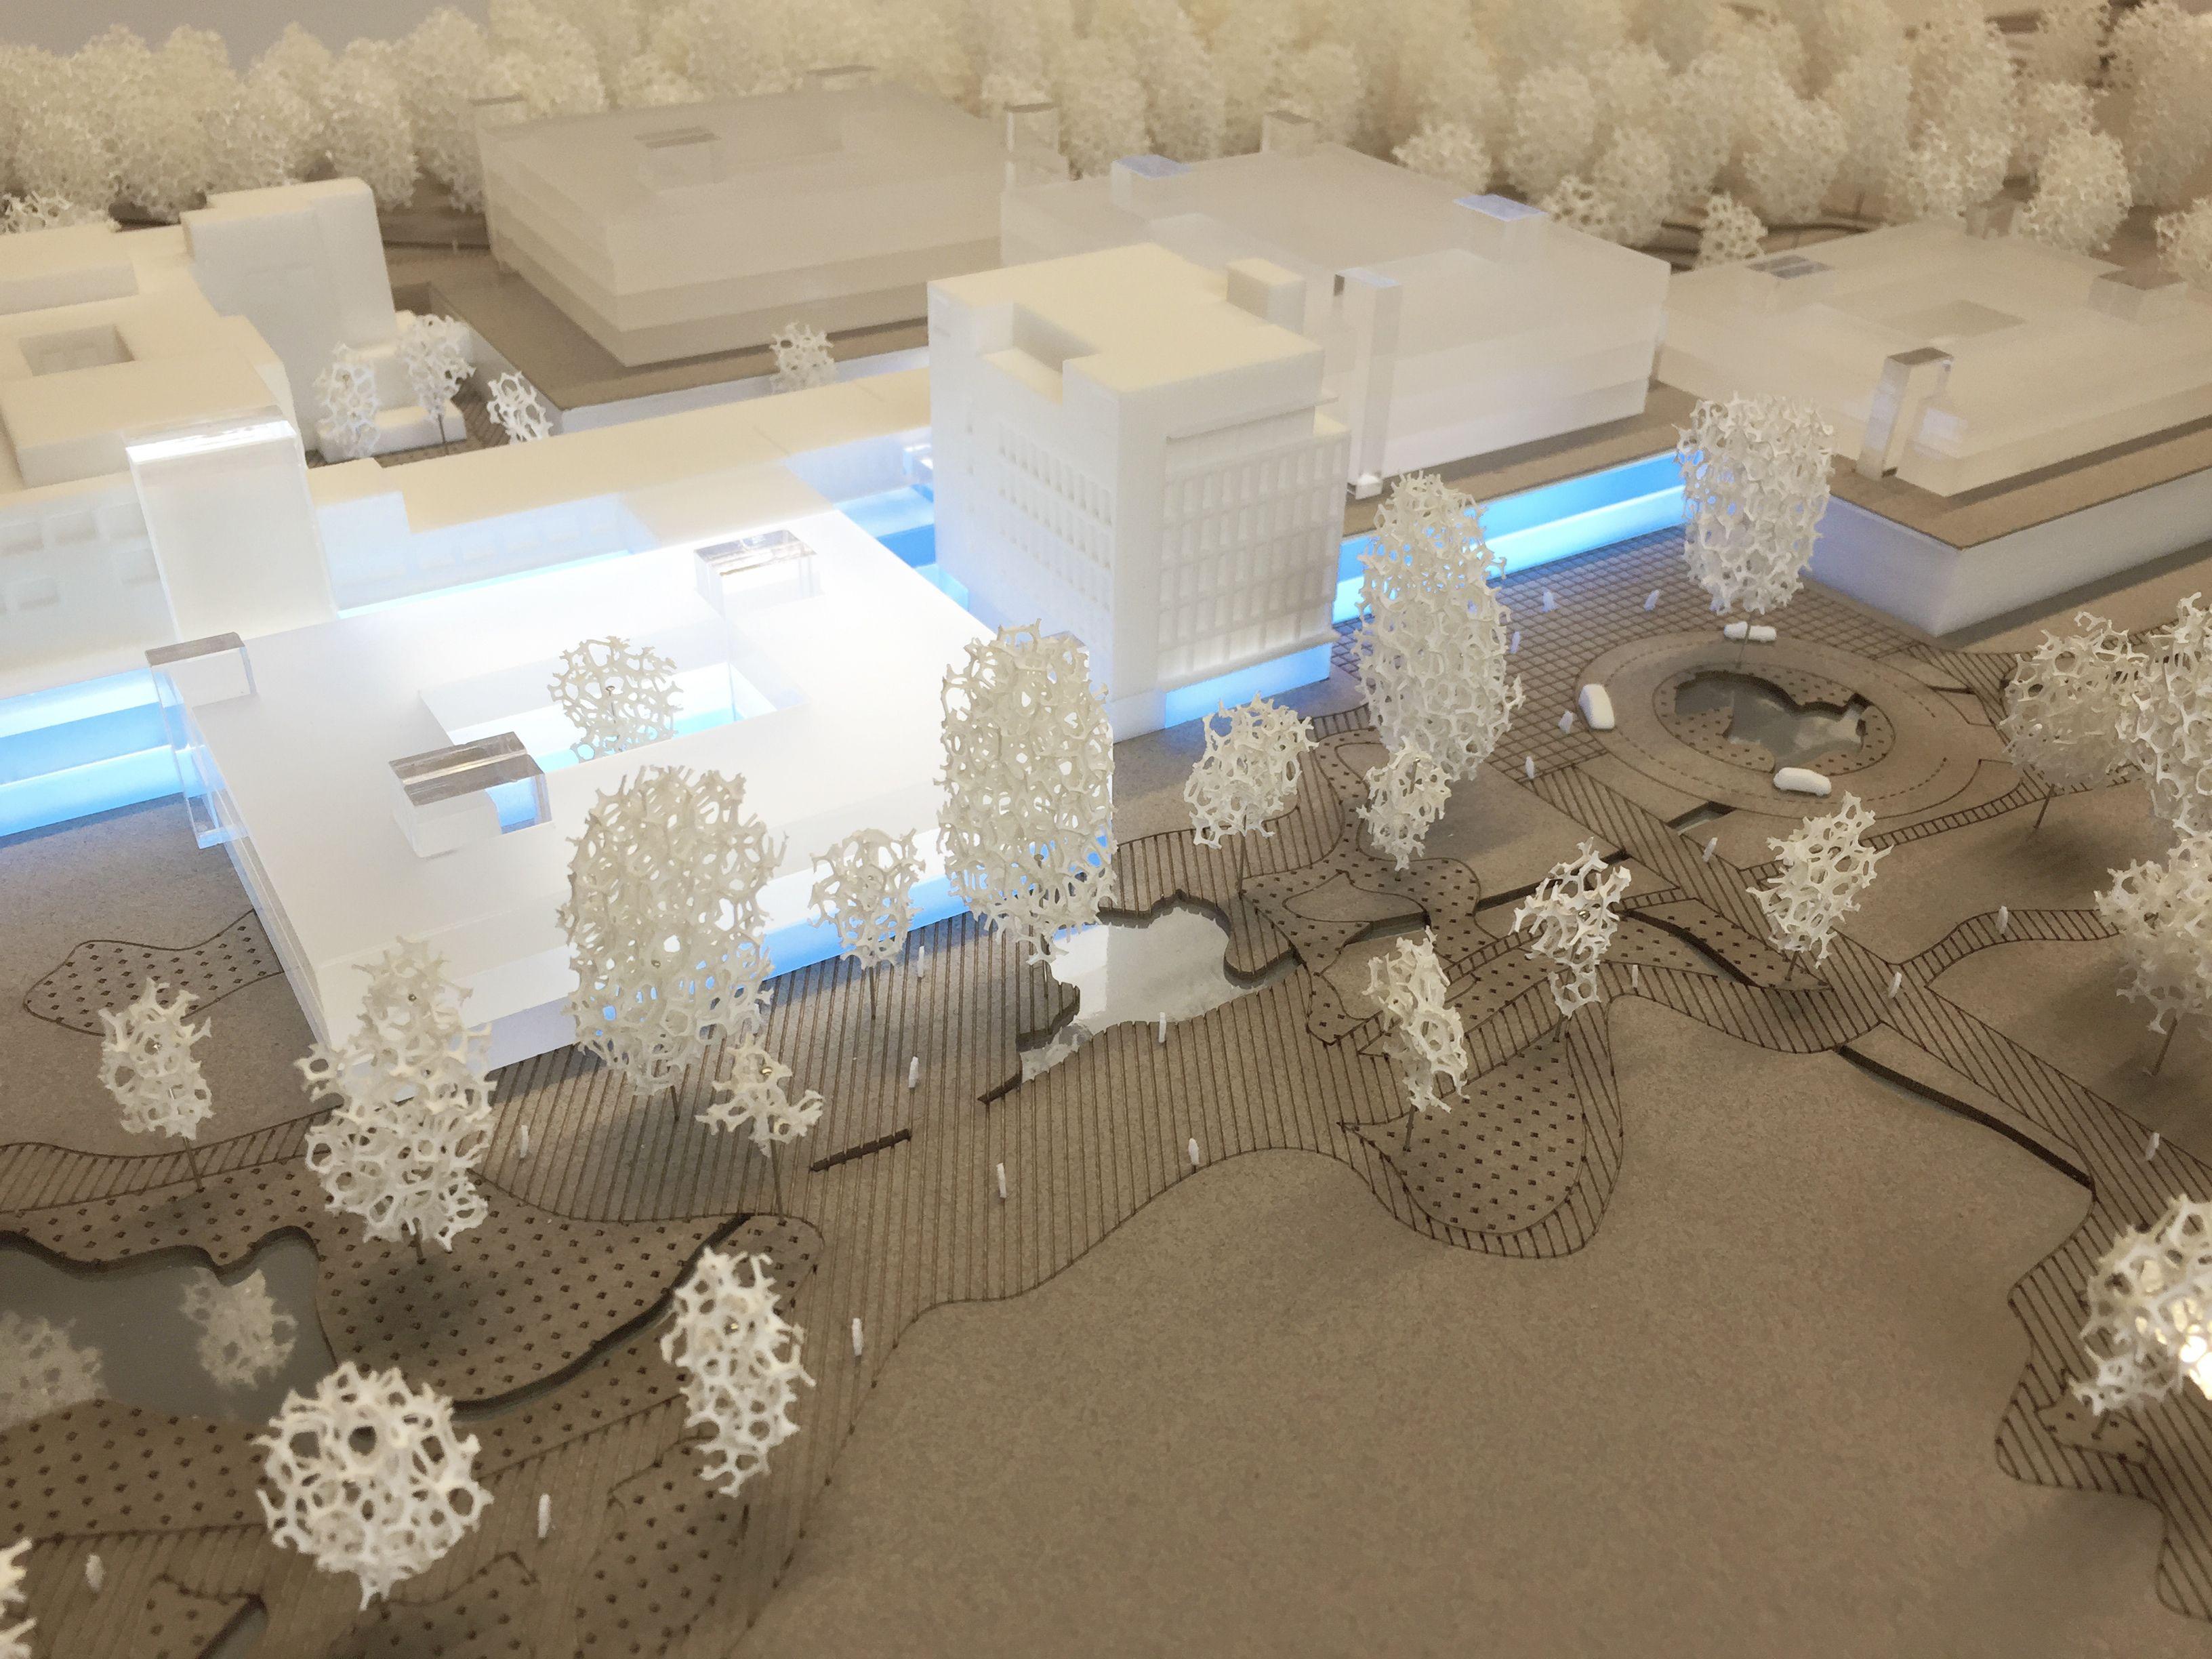 Wedstrijdproject oproep 2901 voor nieuw Algemeen ziekenhuis Turnhout met parkeergarage en pleinen